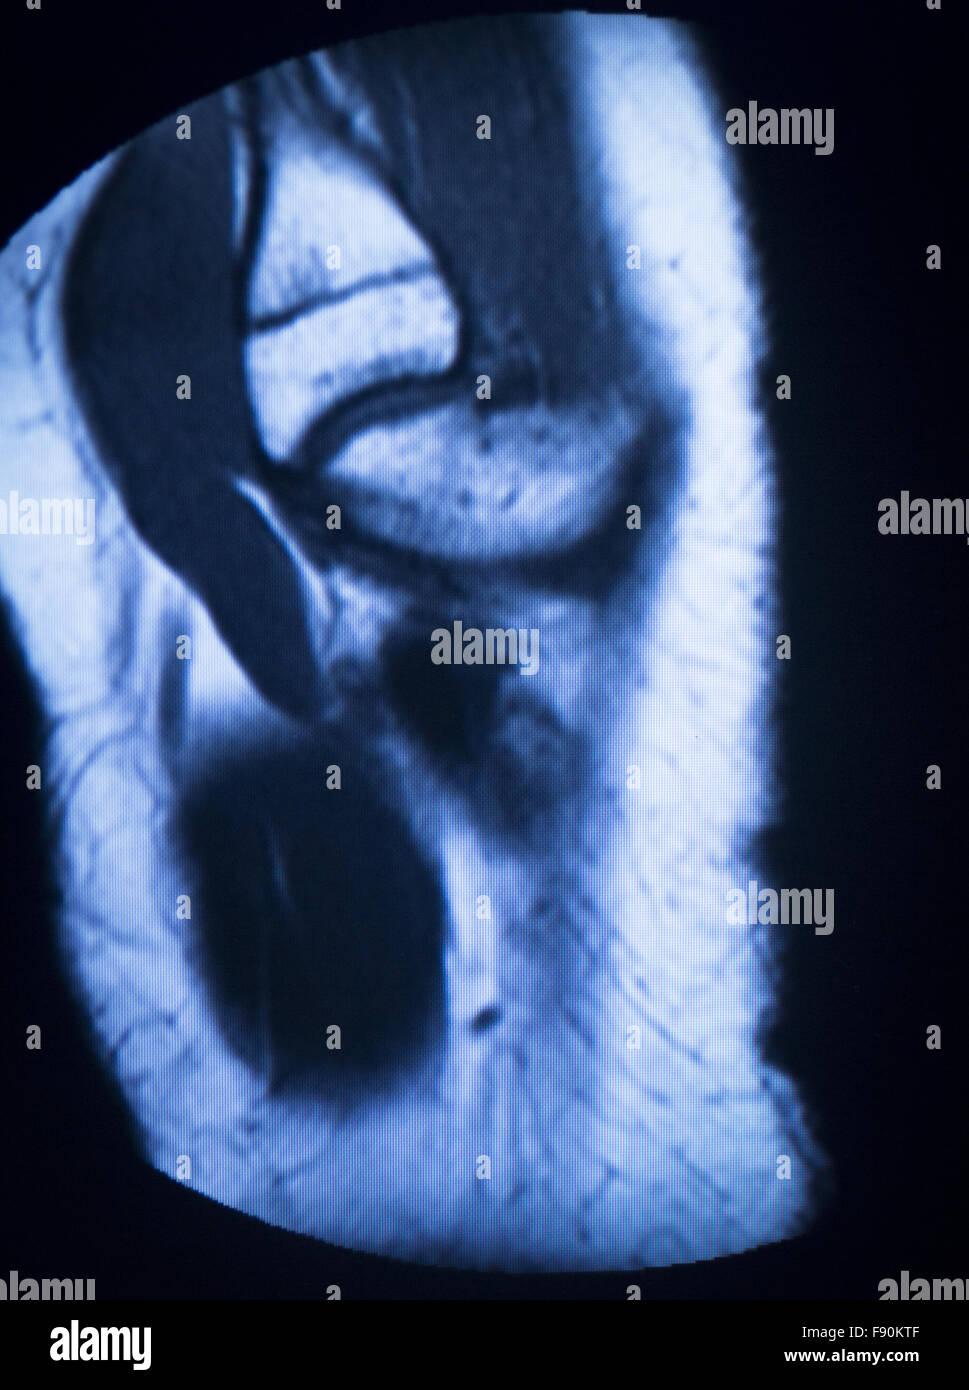 Resonancia magnética MRI exploración médica mostrando los resultados ...